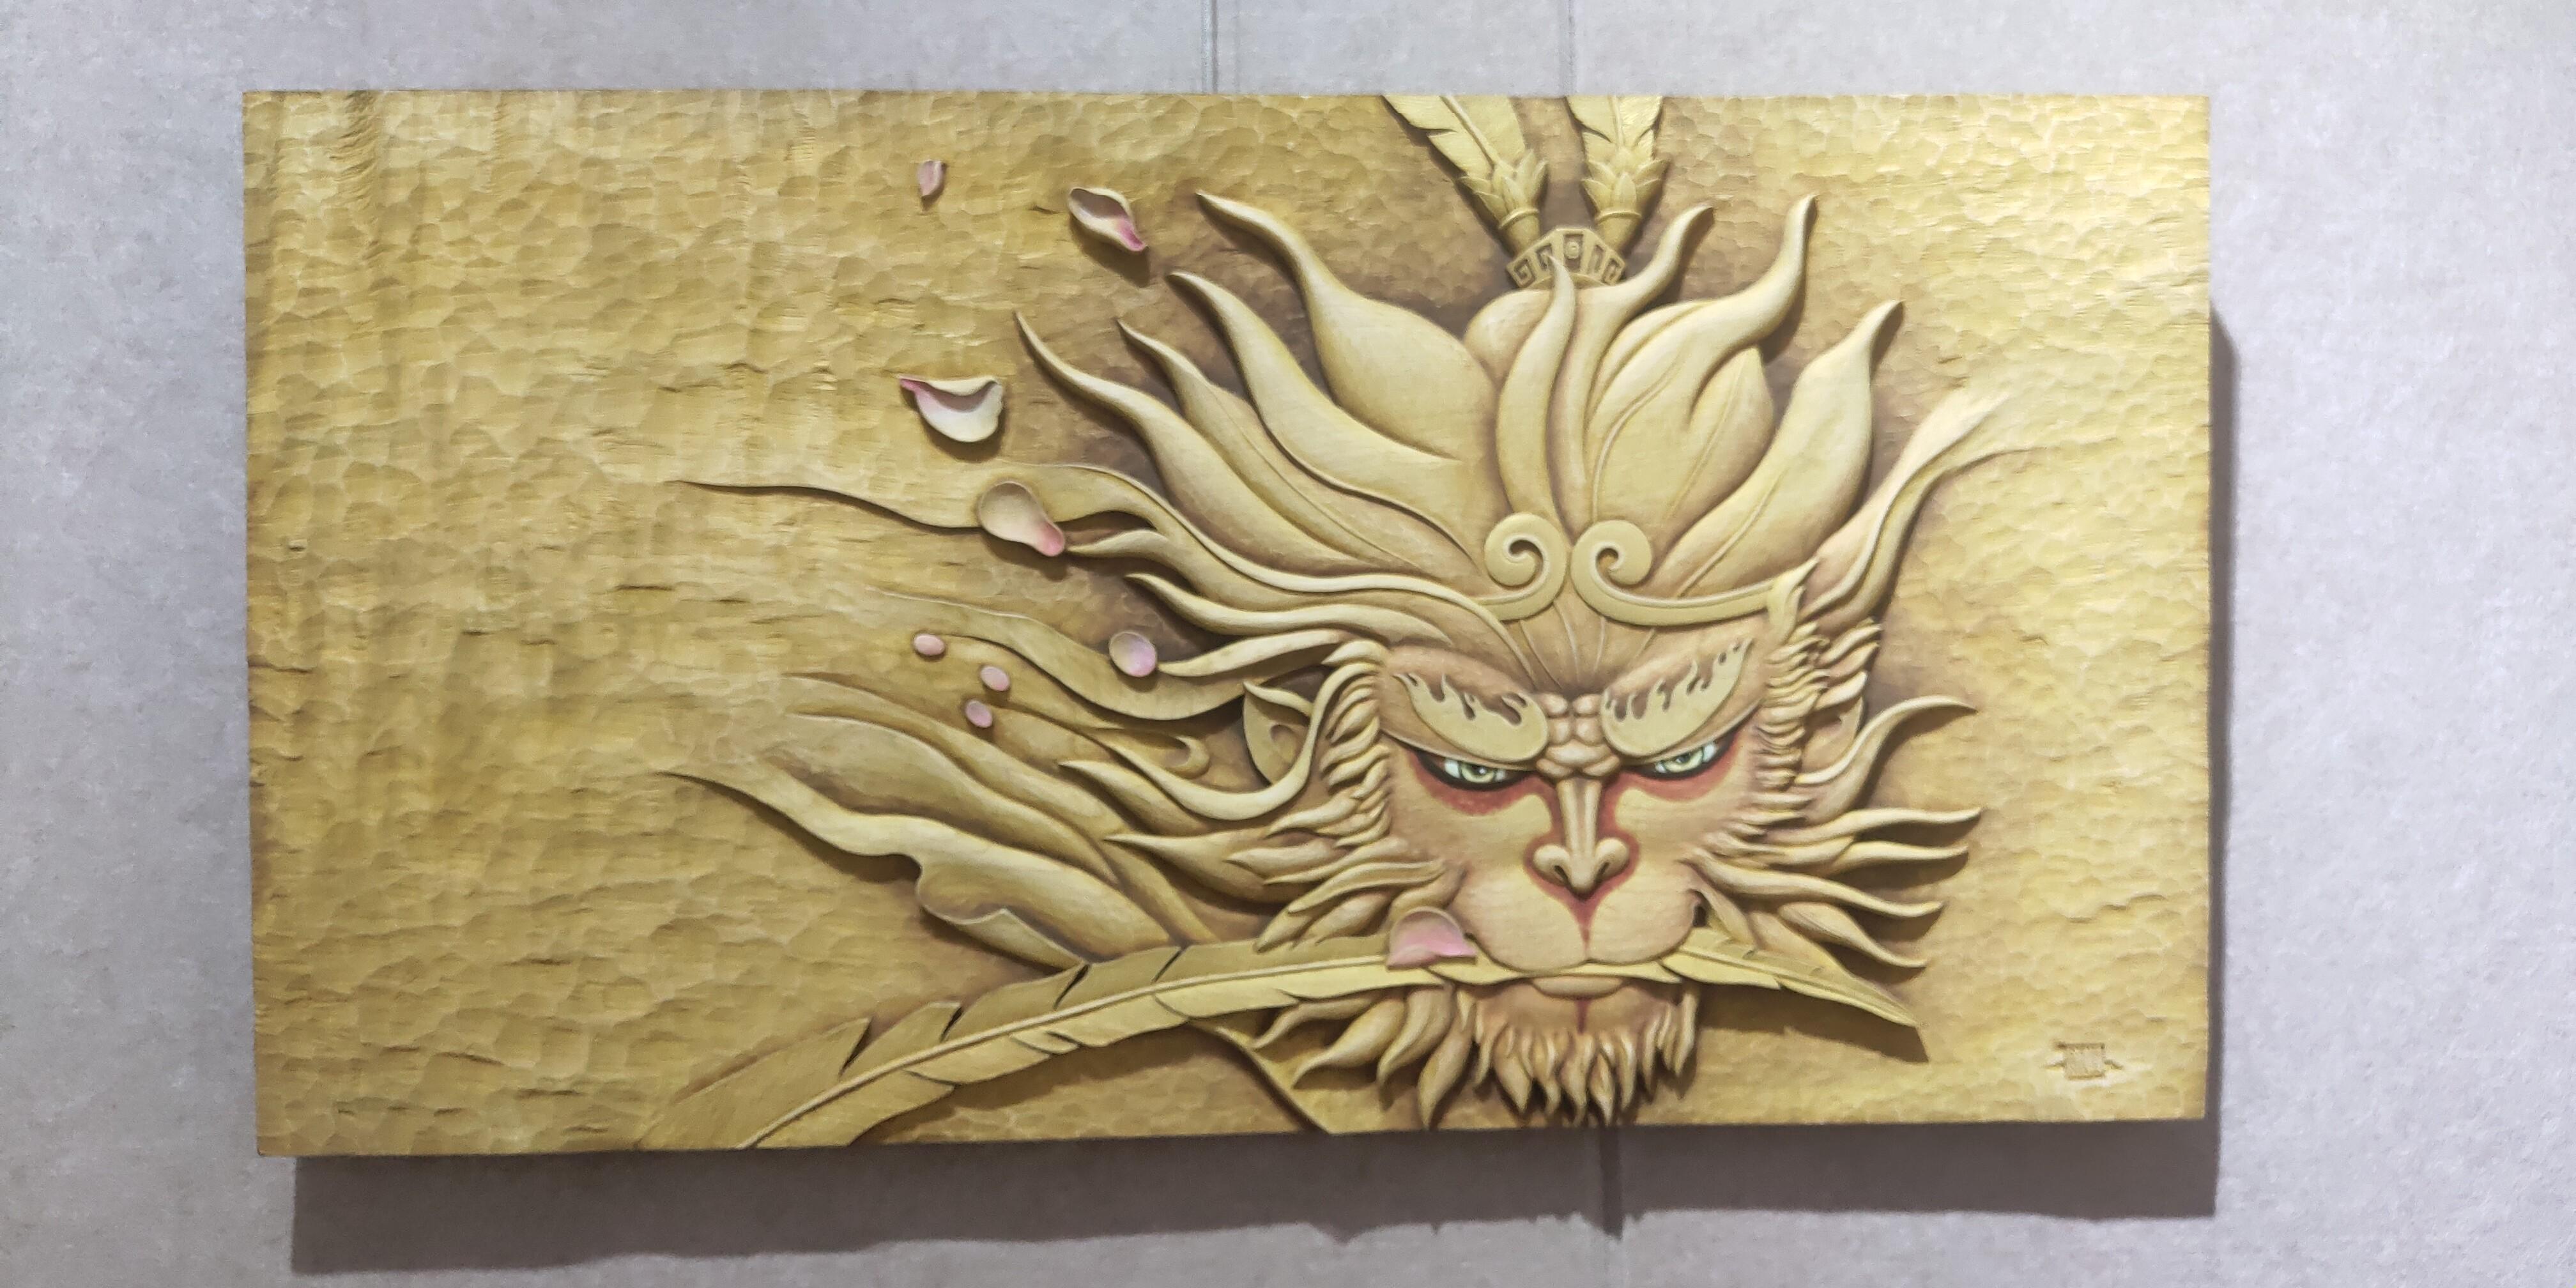 雕刻作品 《大圣归来》 李锡路